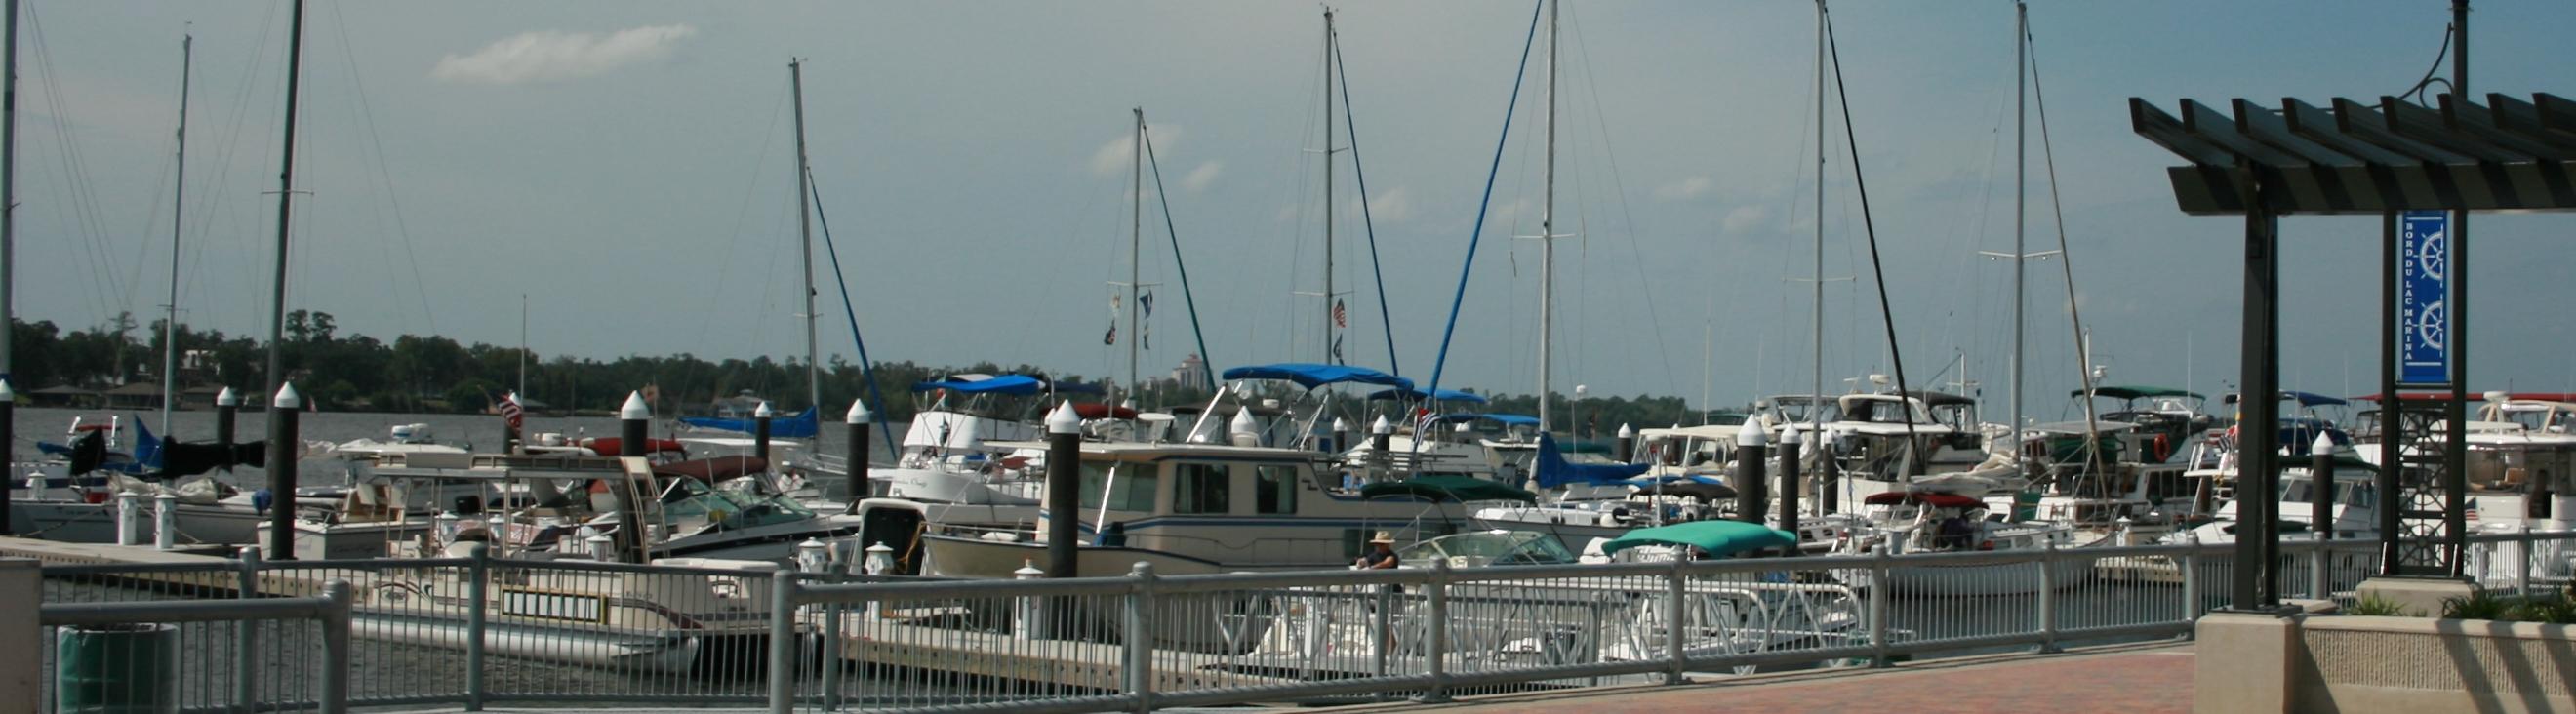 Bord du Lac Marina